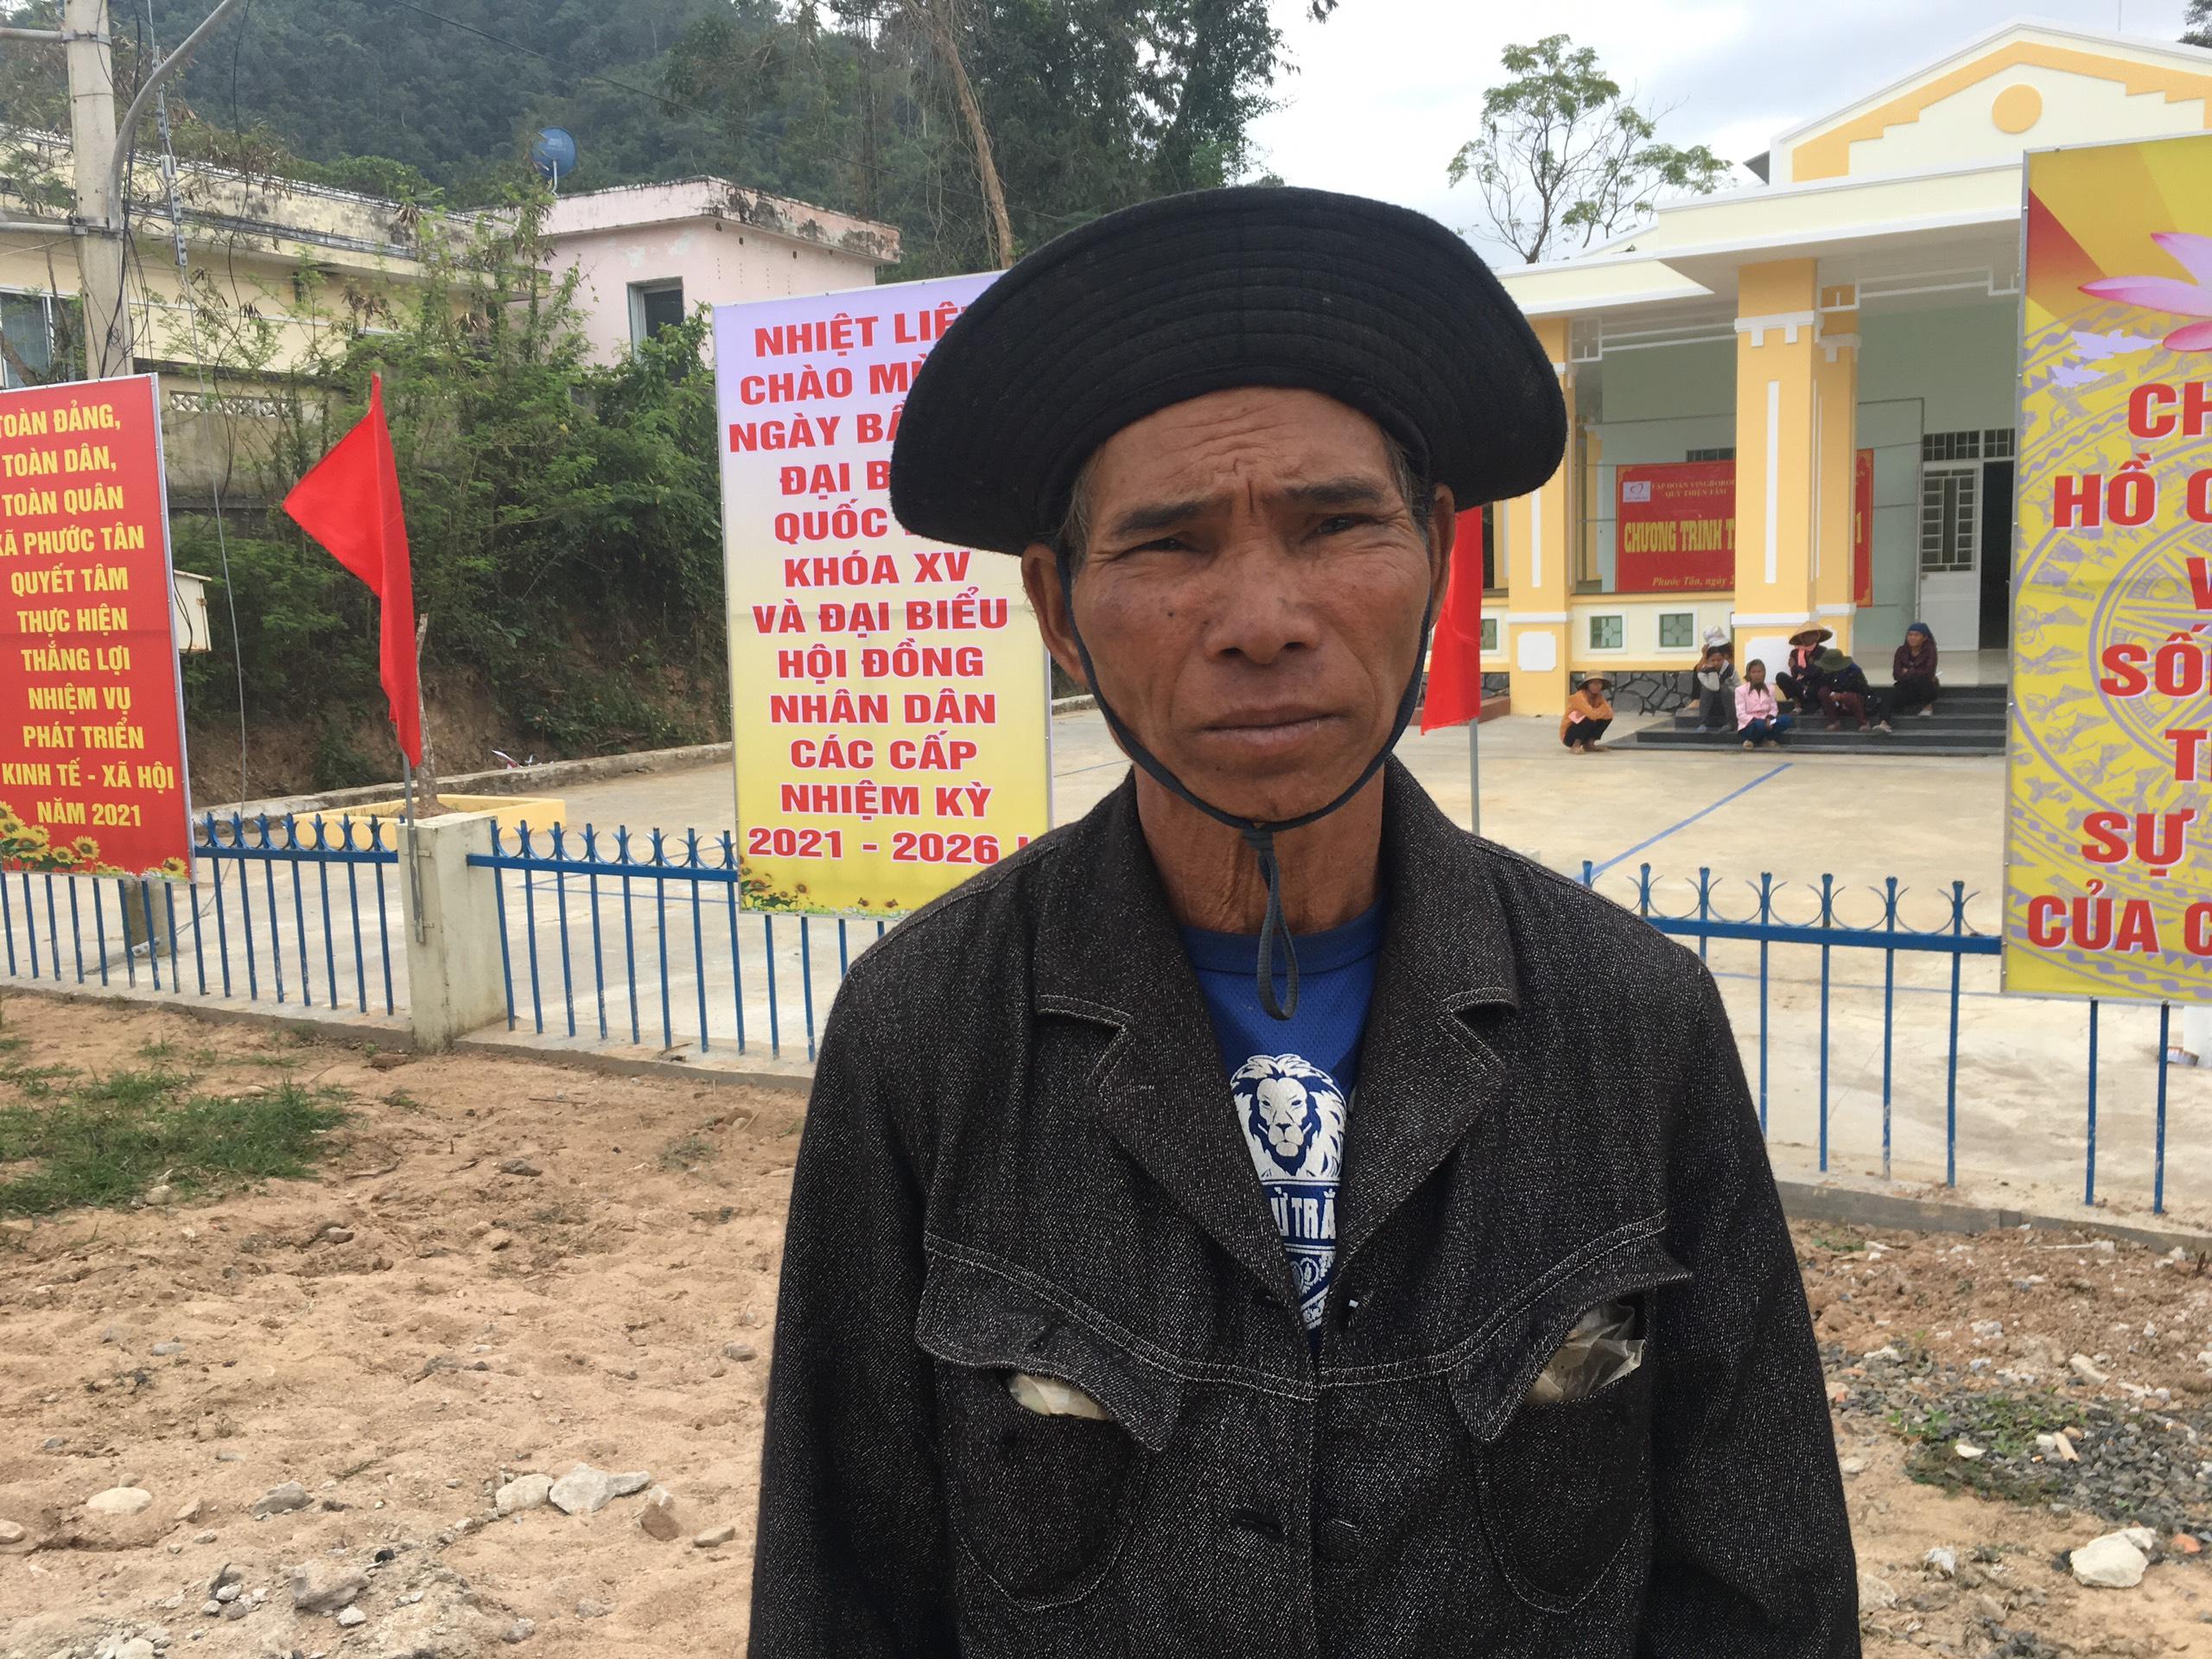 Đồng bào các tỉnh Phú Yên, Bình Định tin tưởng, kỳ vọng vào Đại hội Đảng 1